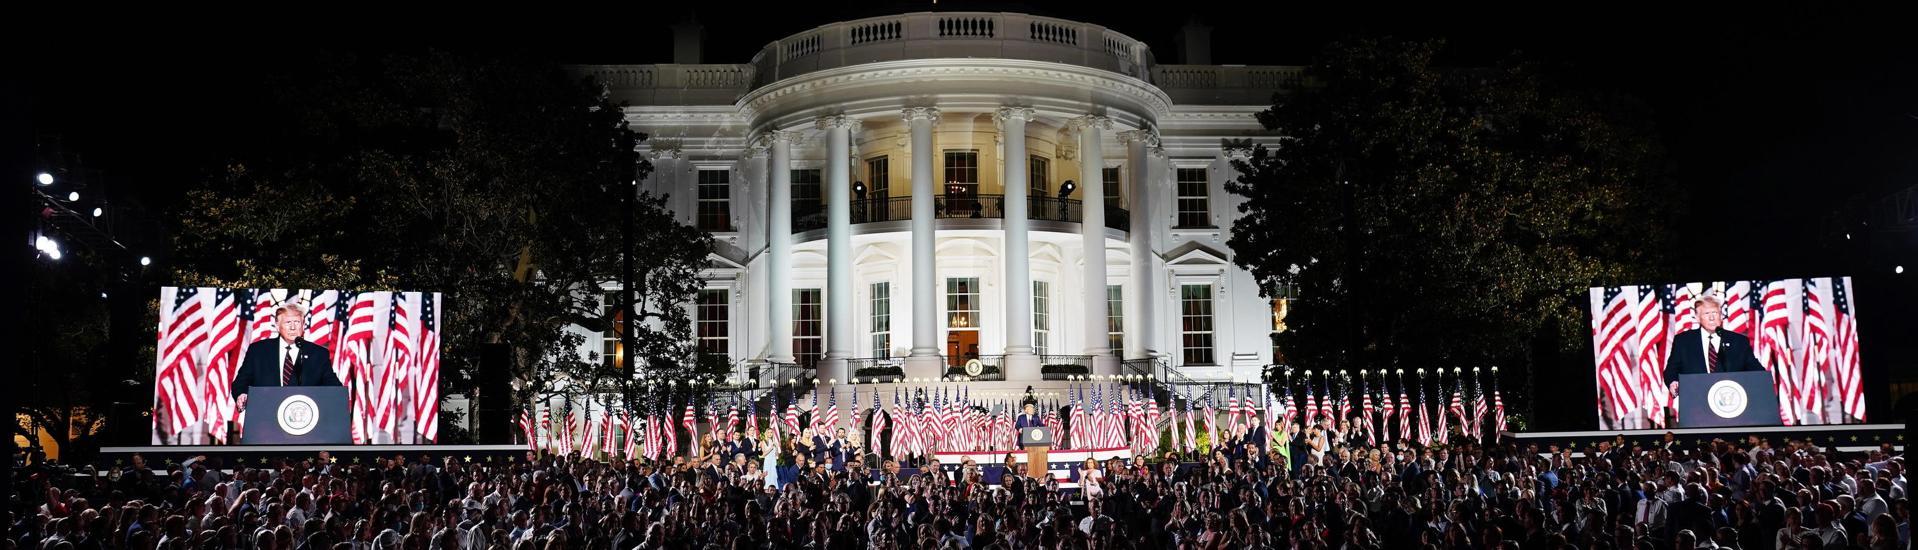 Il discorso di trump alla convention repubblicana: è stato criticato per l'uso  della casa bianca, luogo istituzionale federale.  a fini elettorali